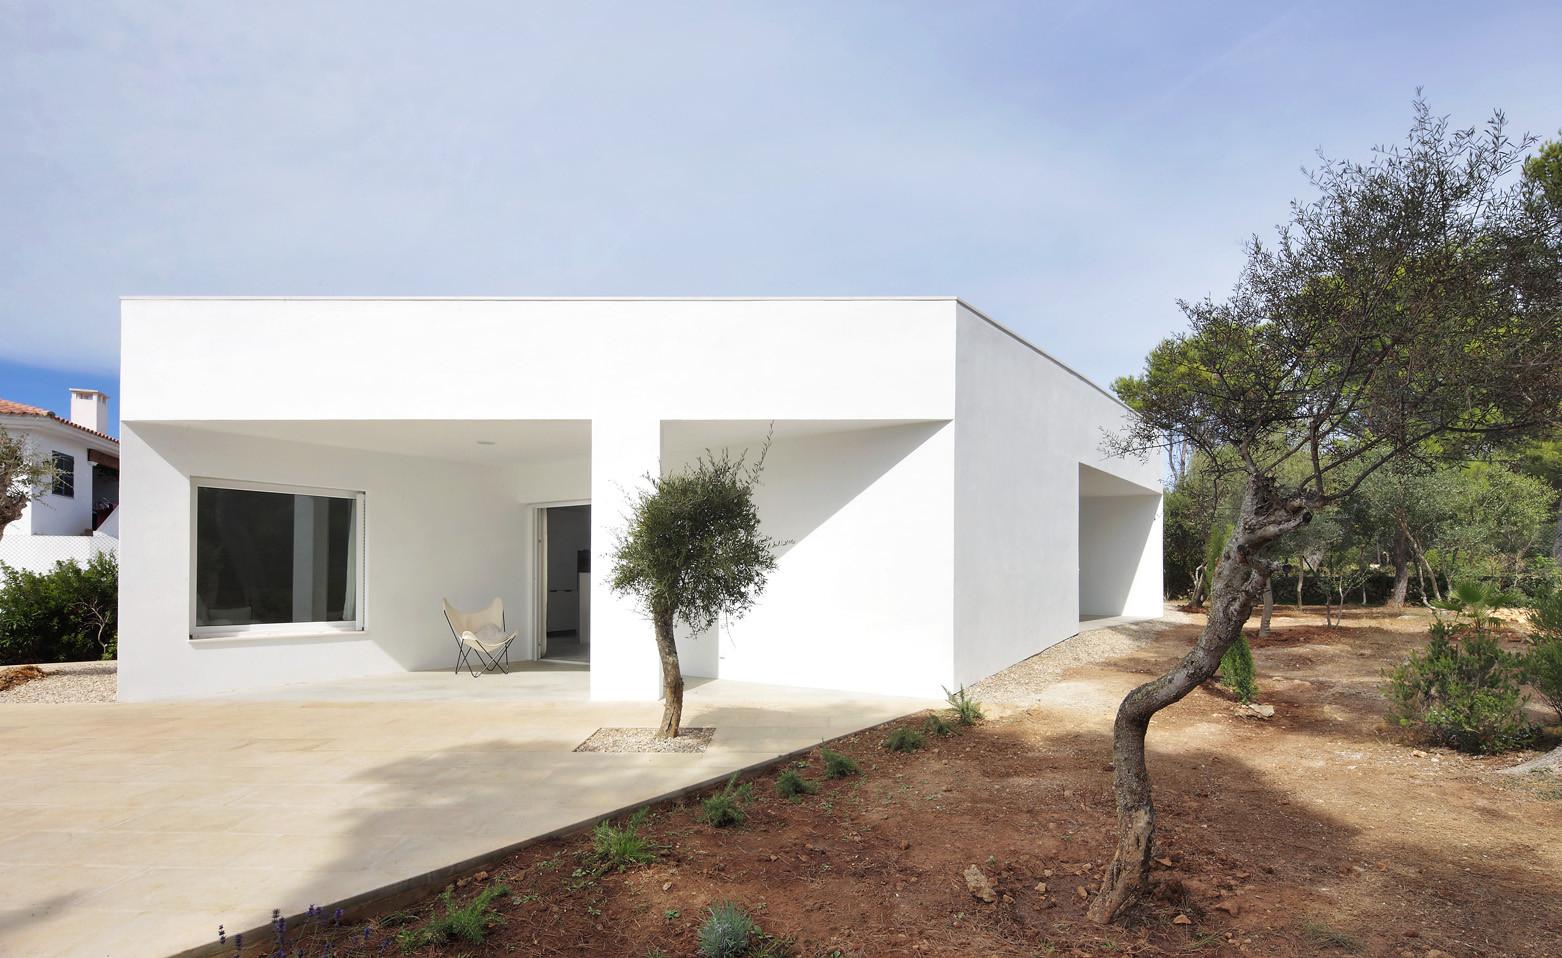 Gallery of 4 porches and 4 skylights house ferran vizoso - Porches de casas ...